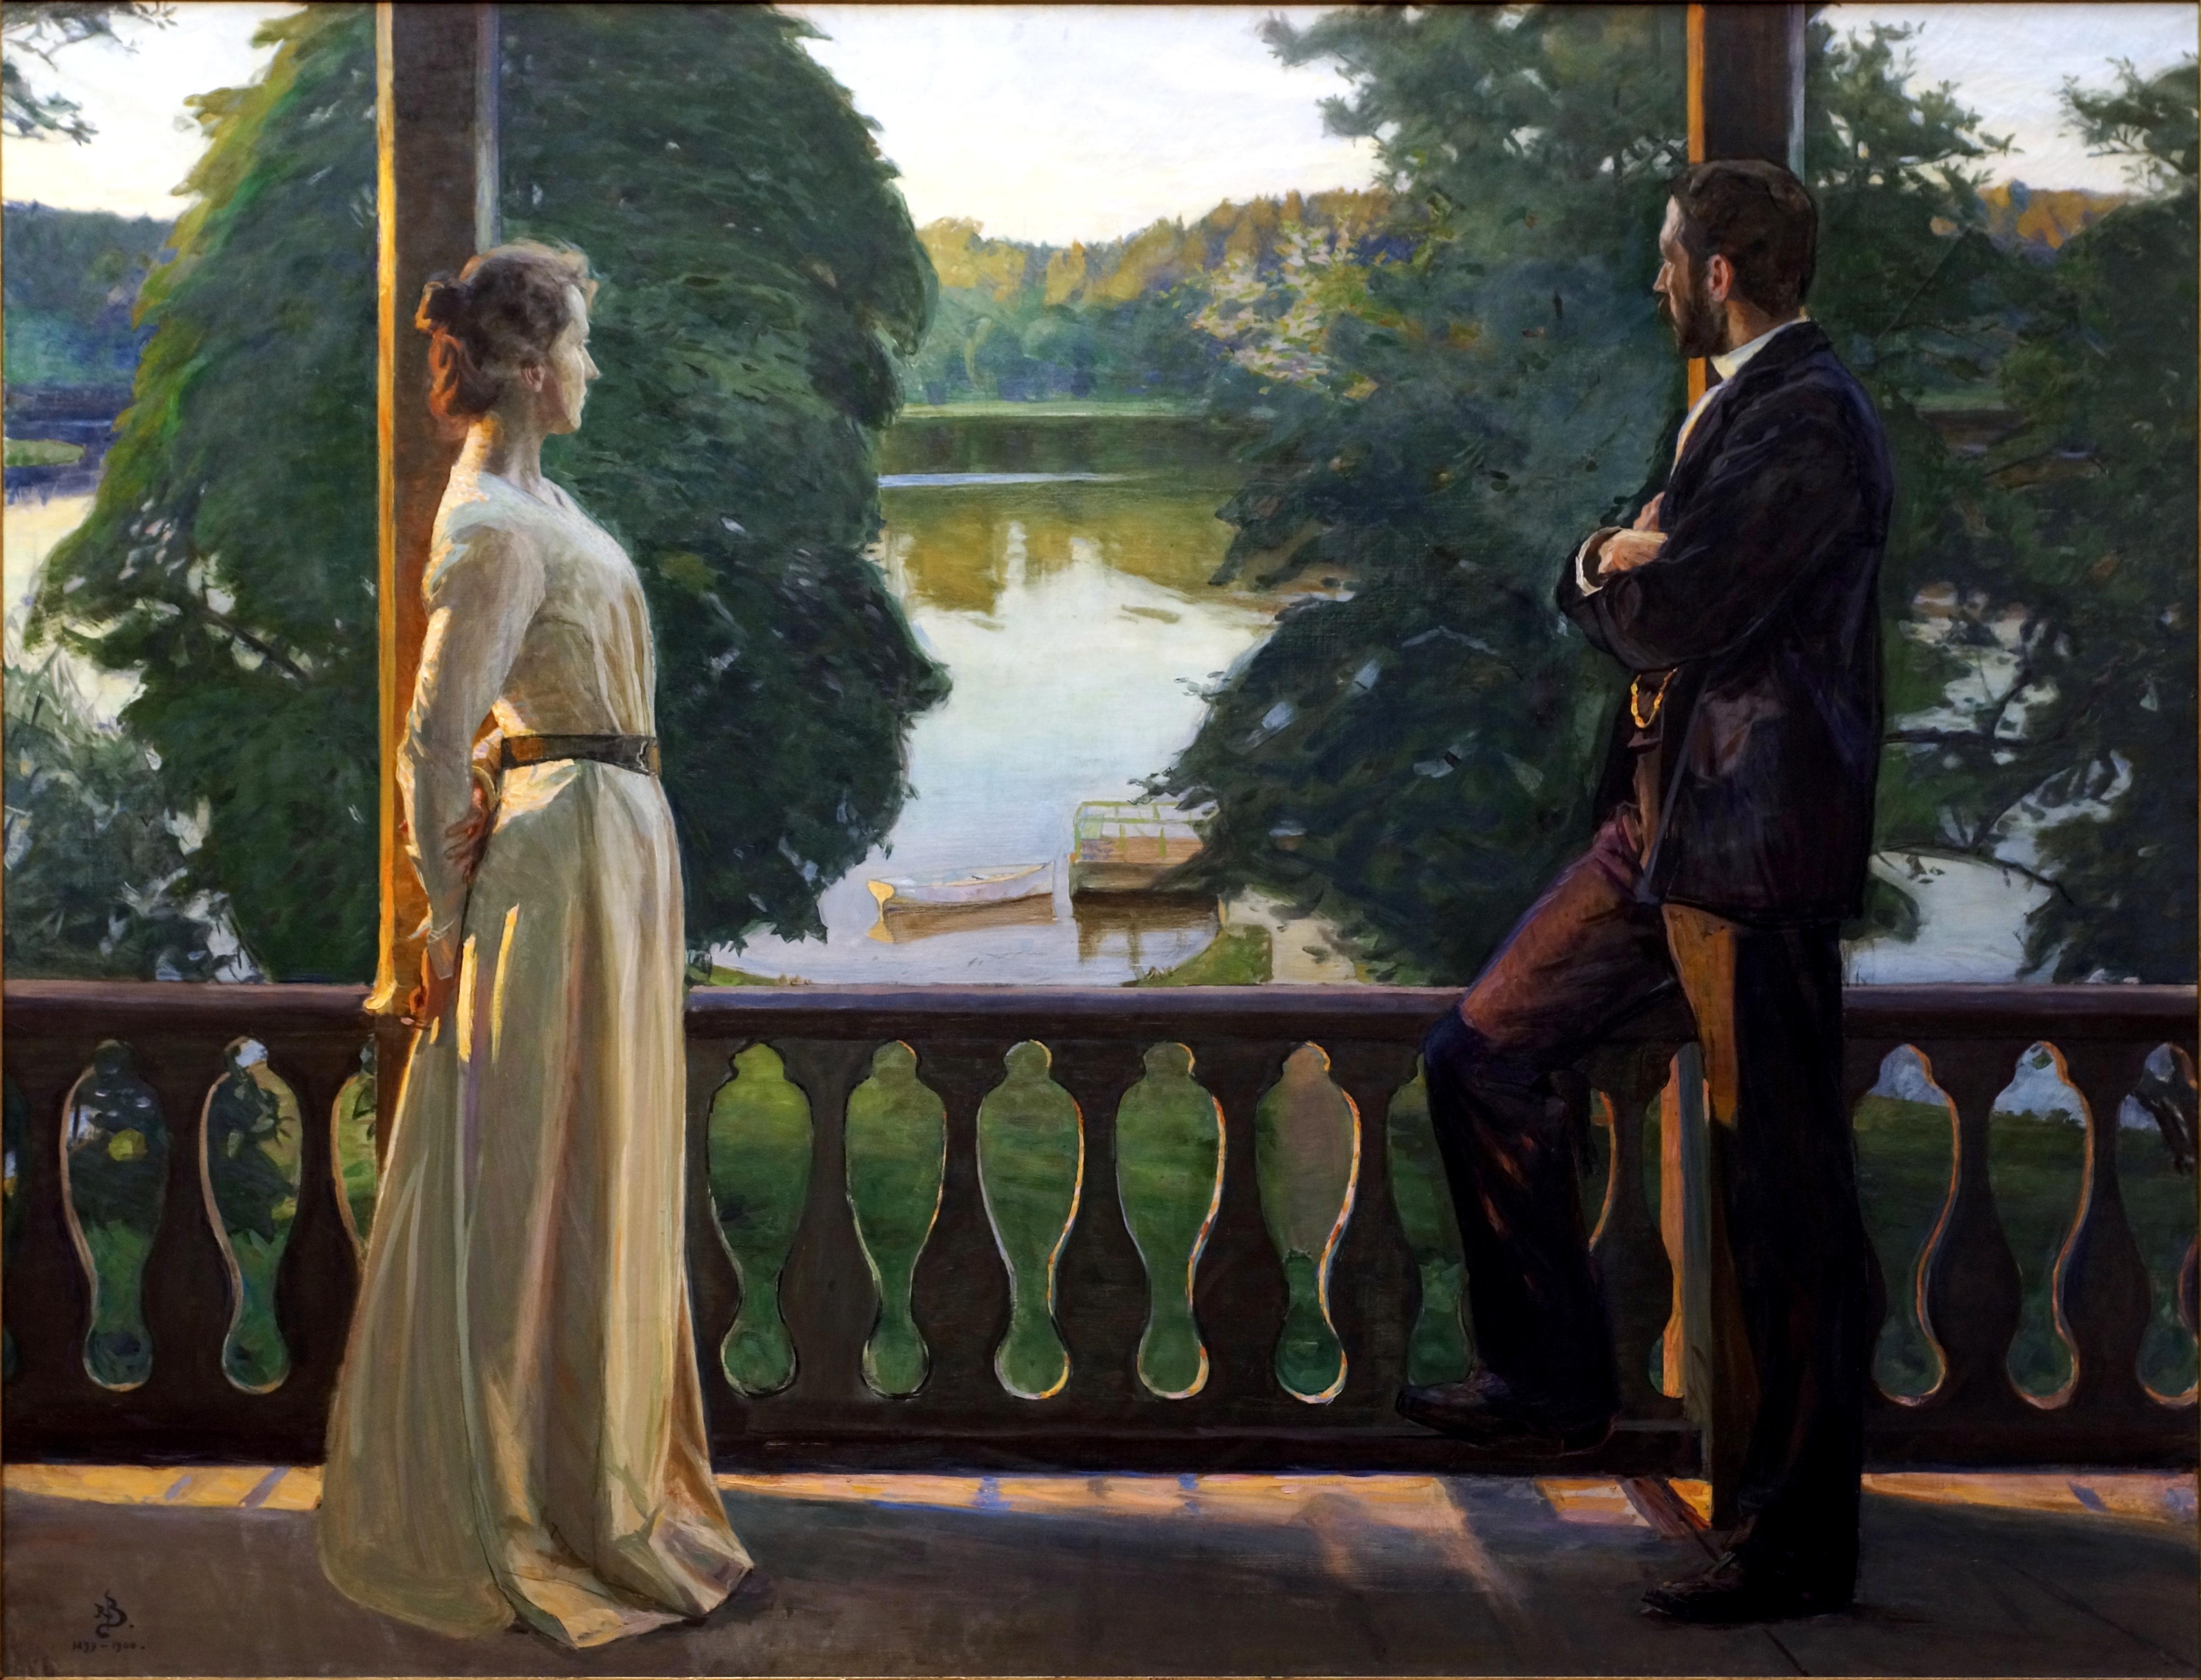 File:Nordisk sommarkväll (1889-1900), målning av Richard Bergh.jpg